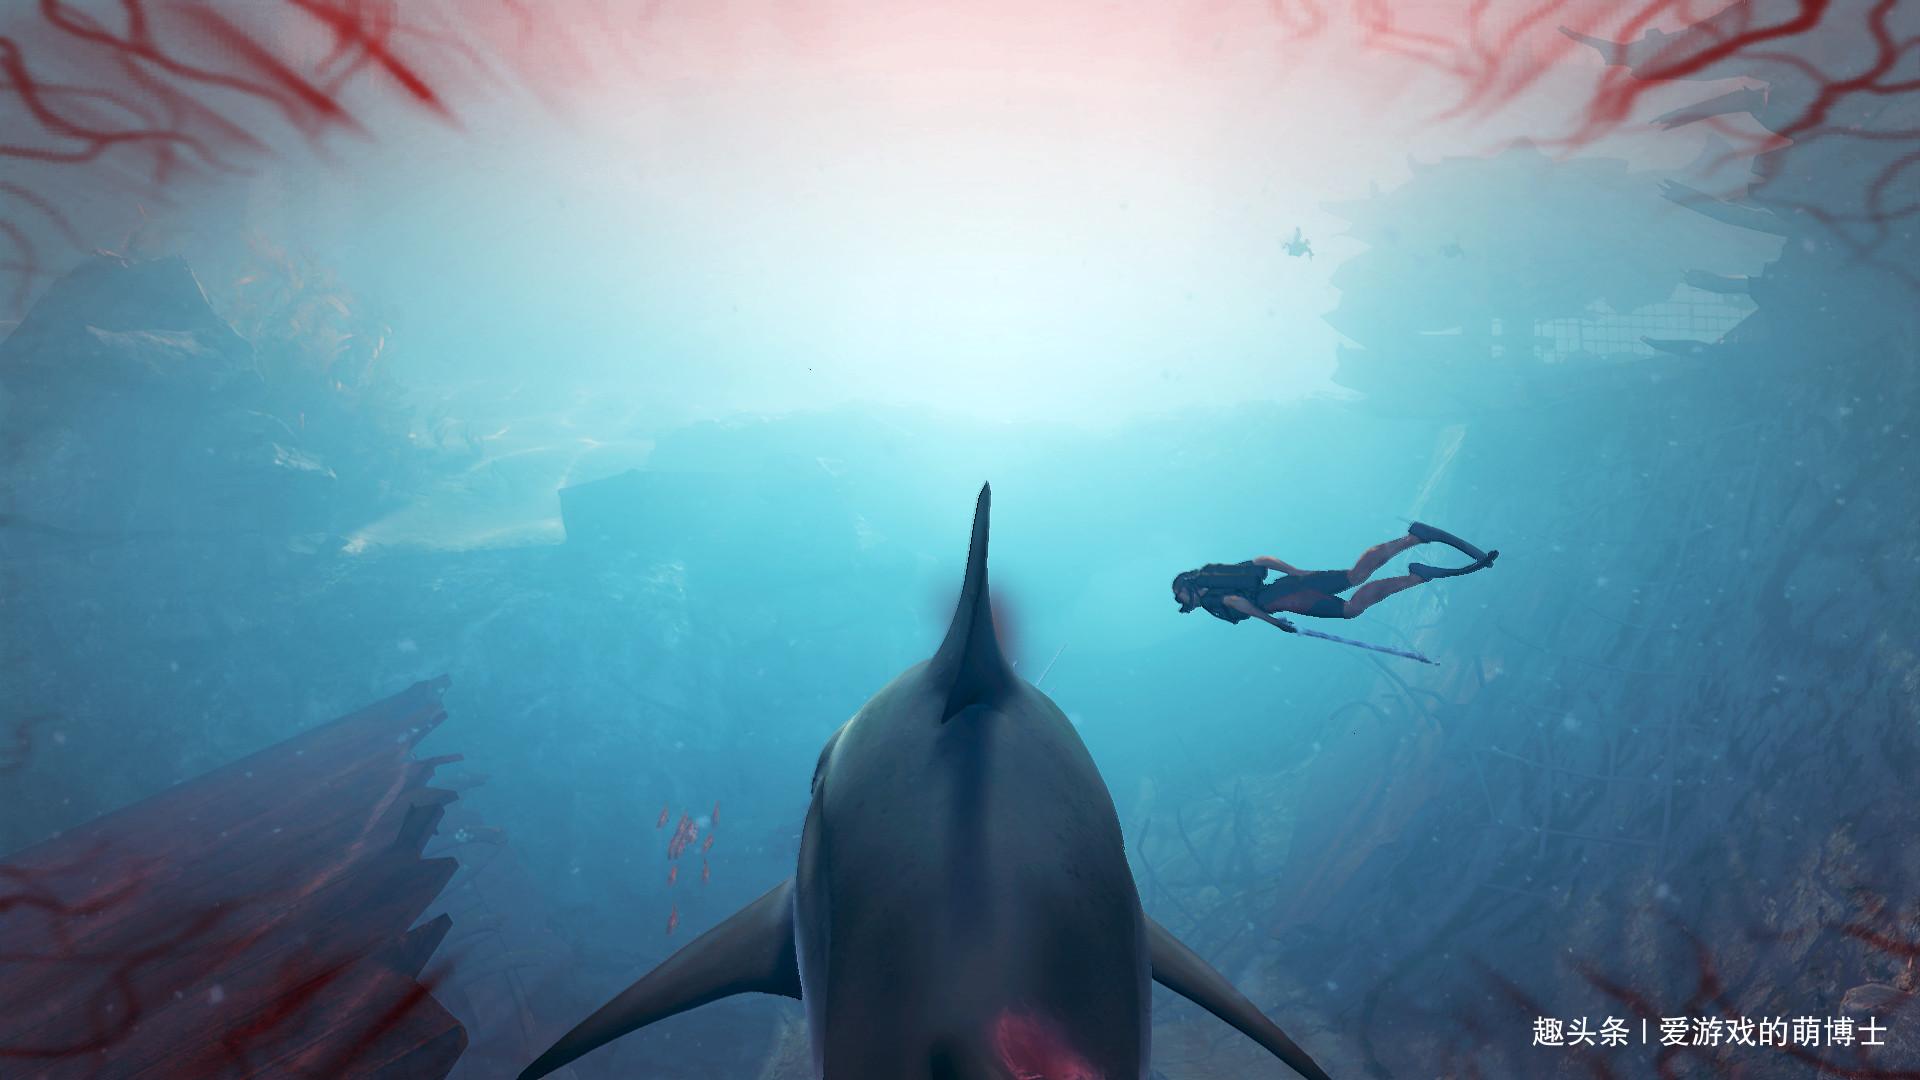 角色互换,玩家在 吃人 中扮演鲨鱼,人类成为食材